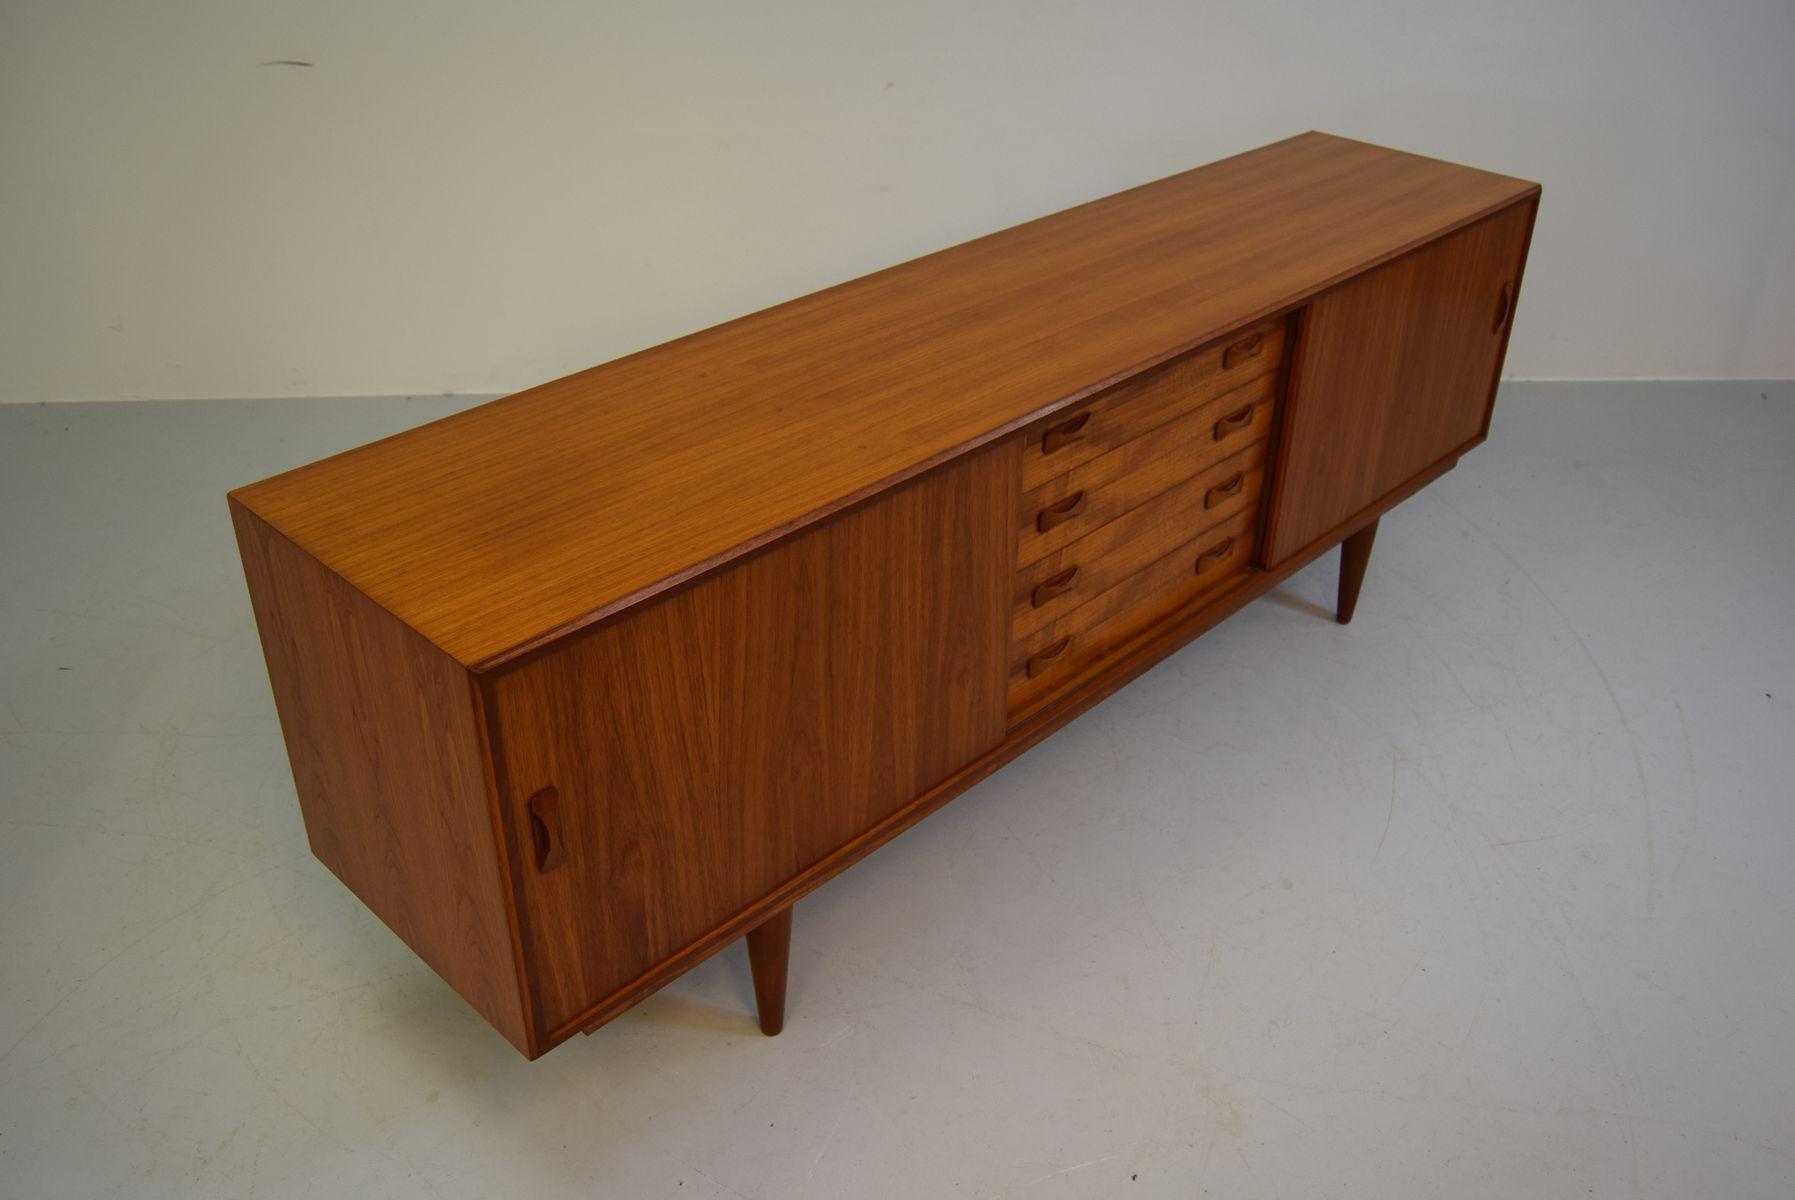 Skandinavisches teak sideboard von clausen s n 1960er for Skandinavisches sideboard